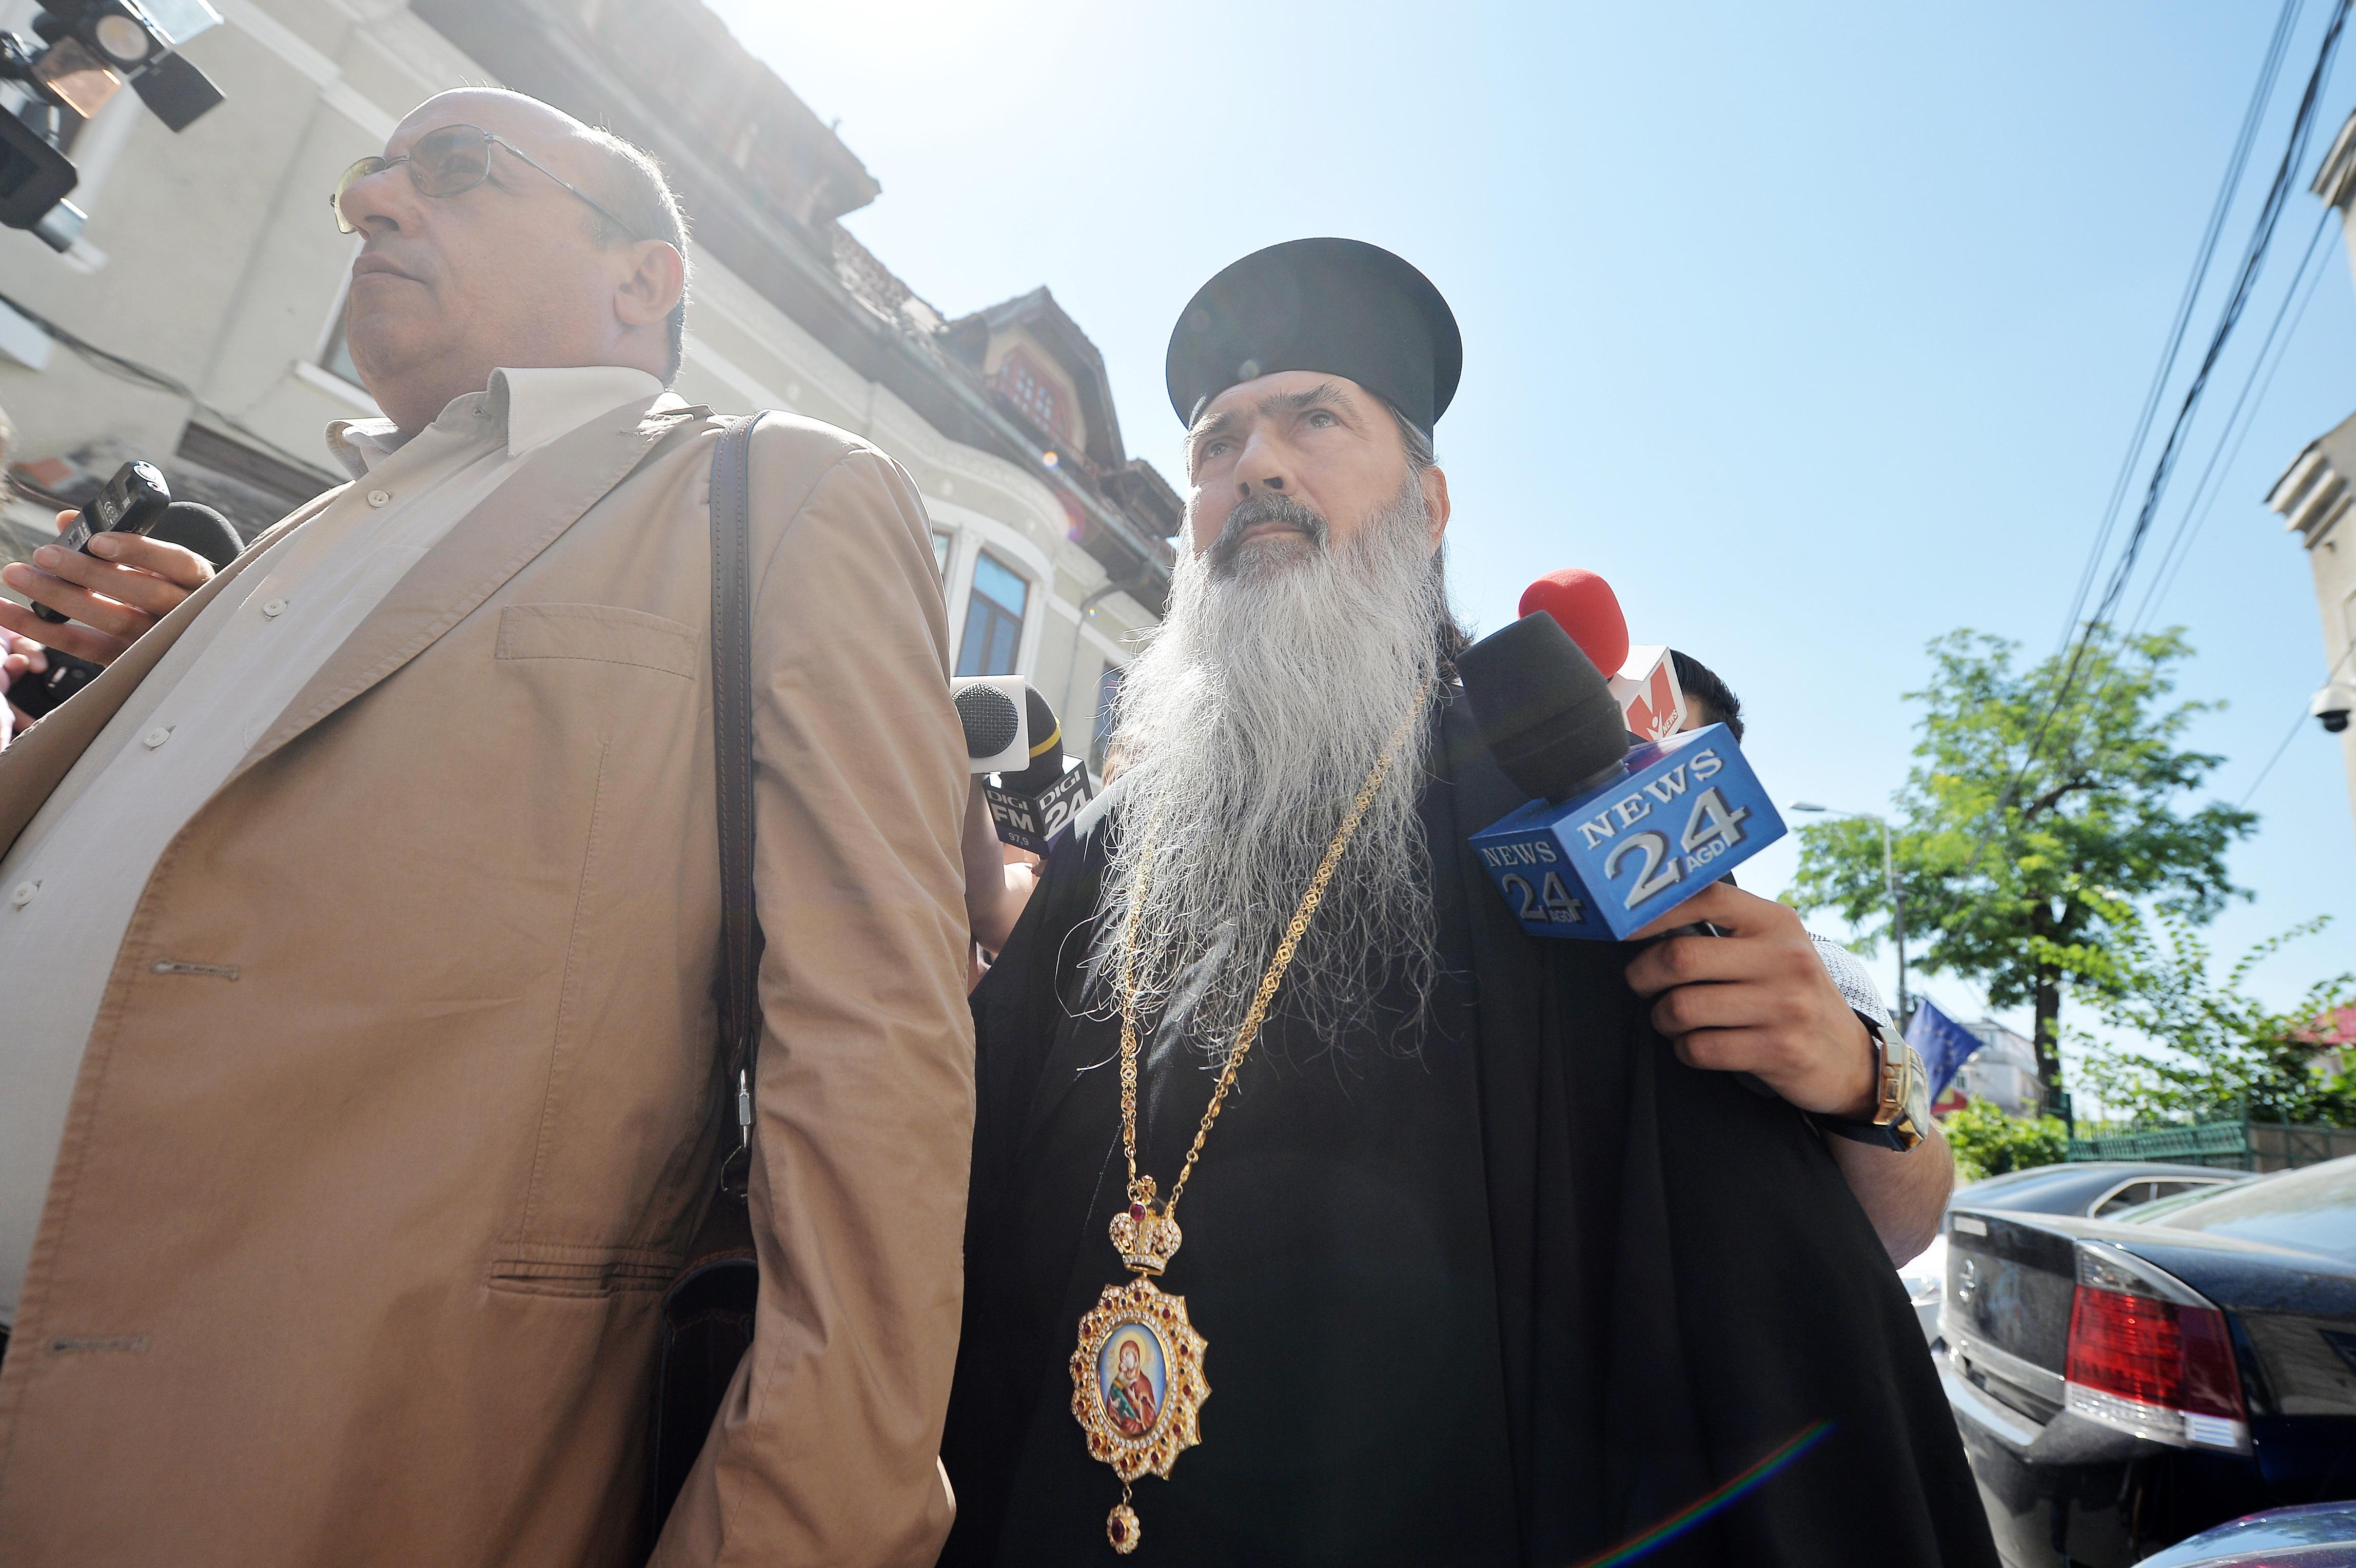 Arhiepiscopului Tomisului, ÎPS Teodosie rămâne sub control judiciar